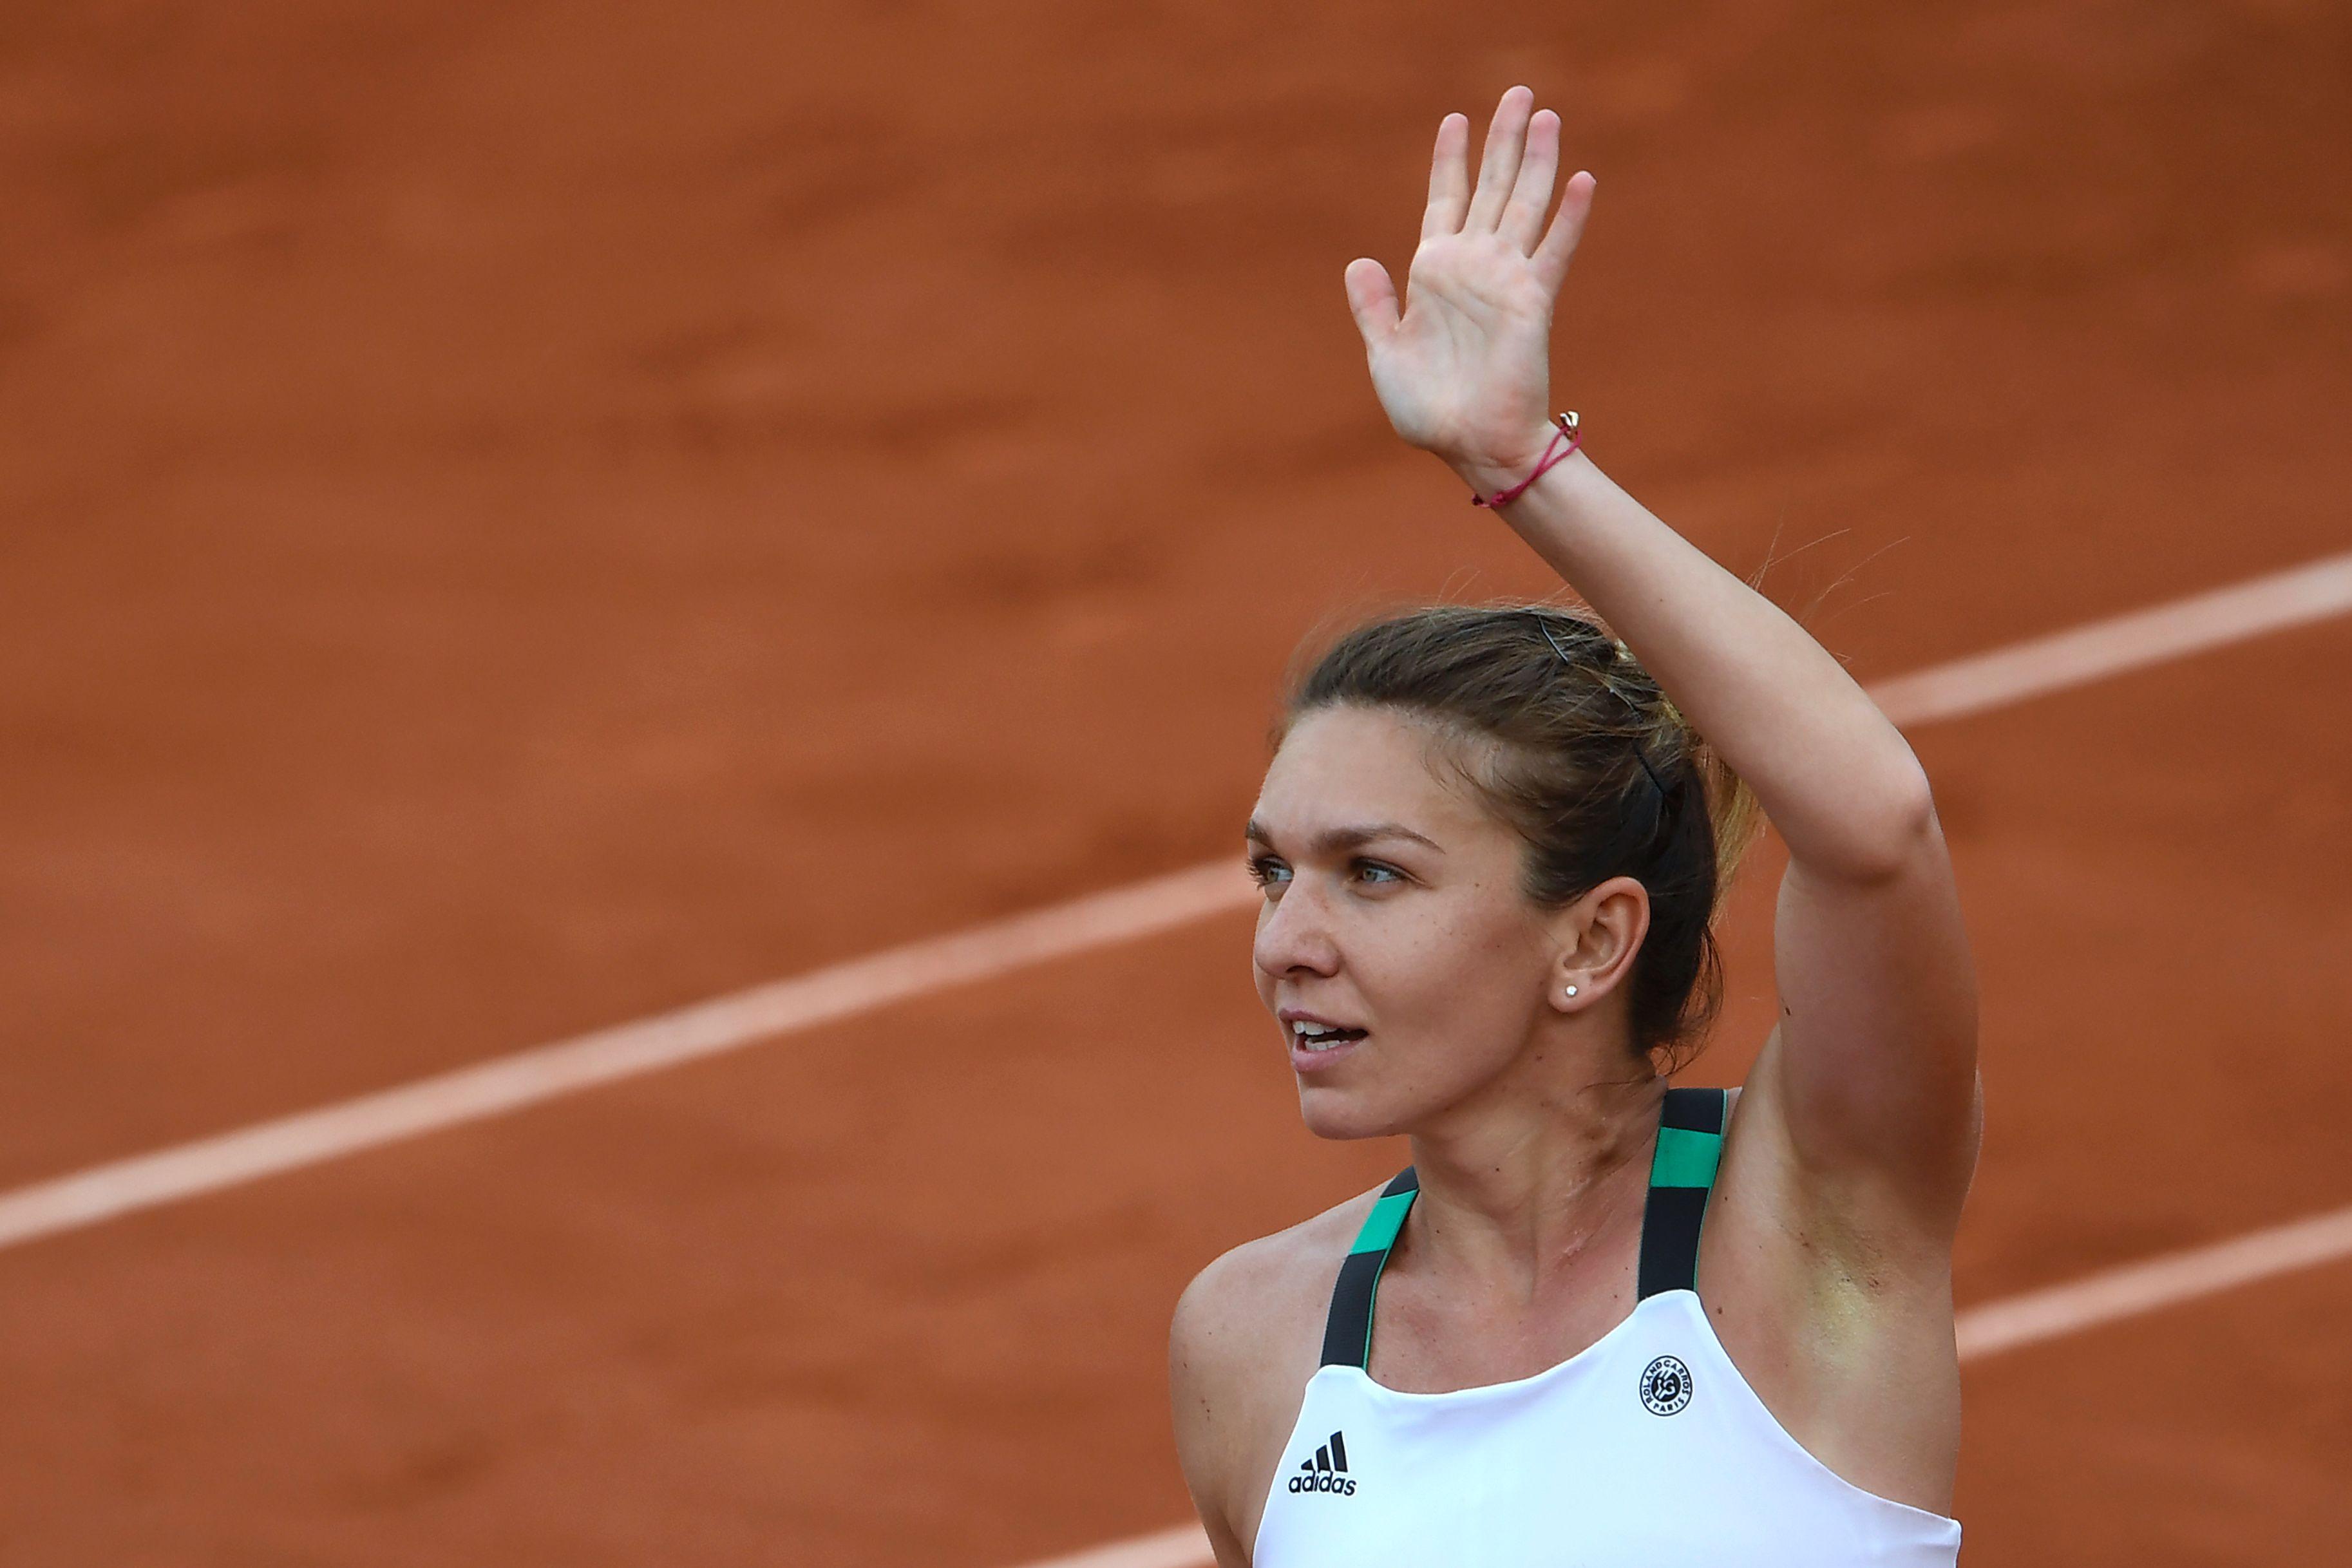 Simona Halep zieht in ihr zweites French Open -Finale ein. 2004 unterlag sie Maria Sharapova im Stade Roland Garros